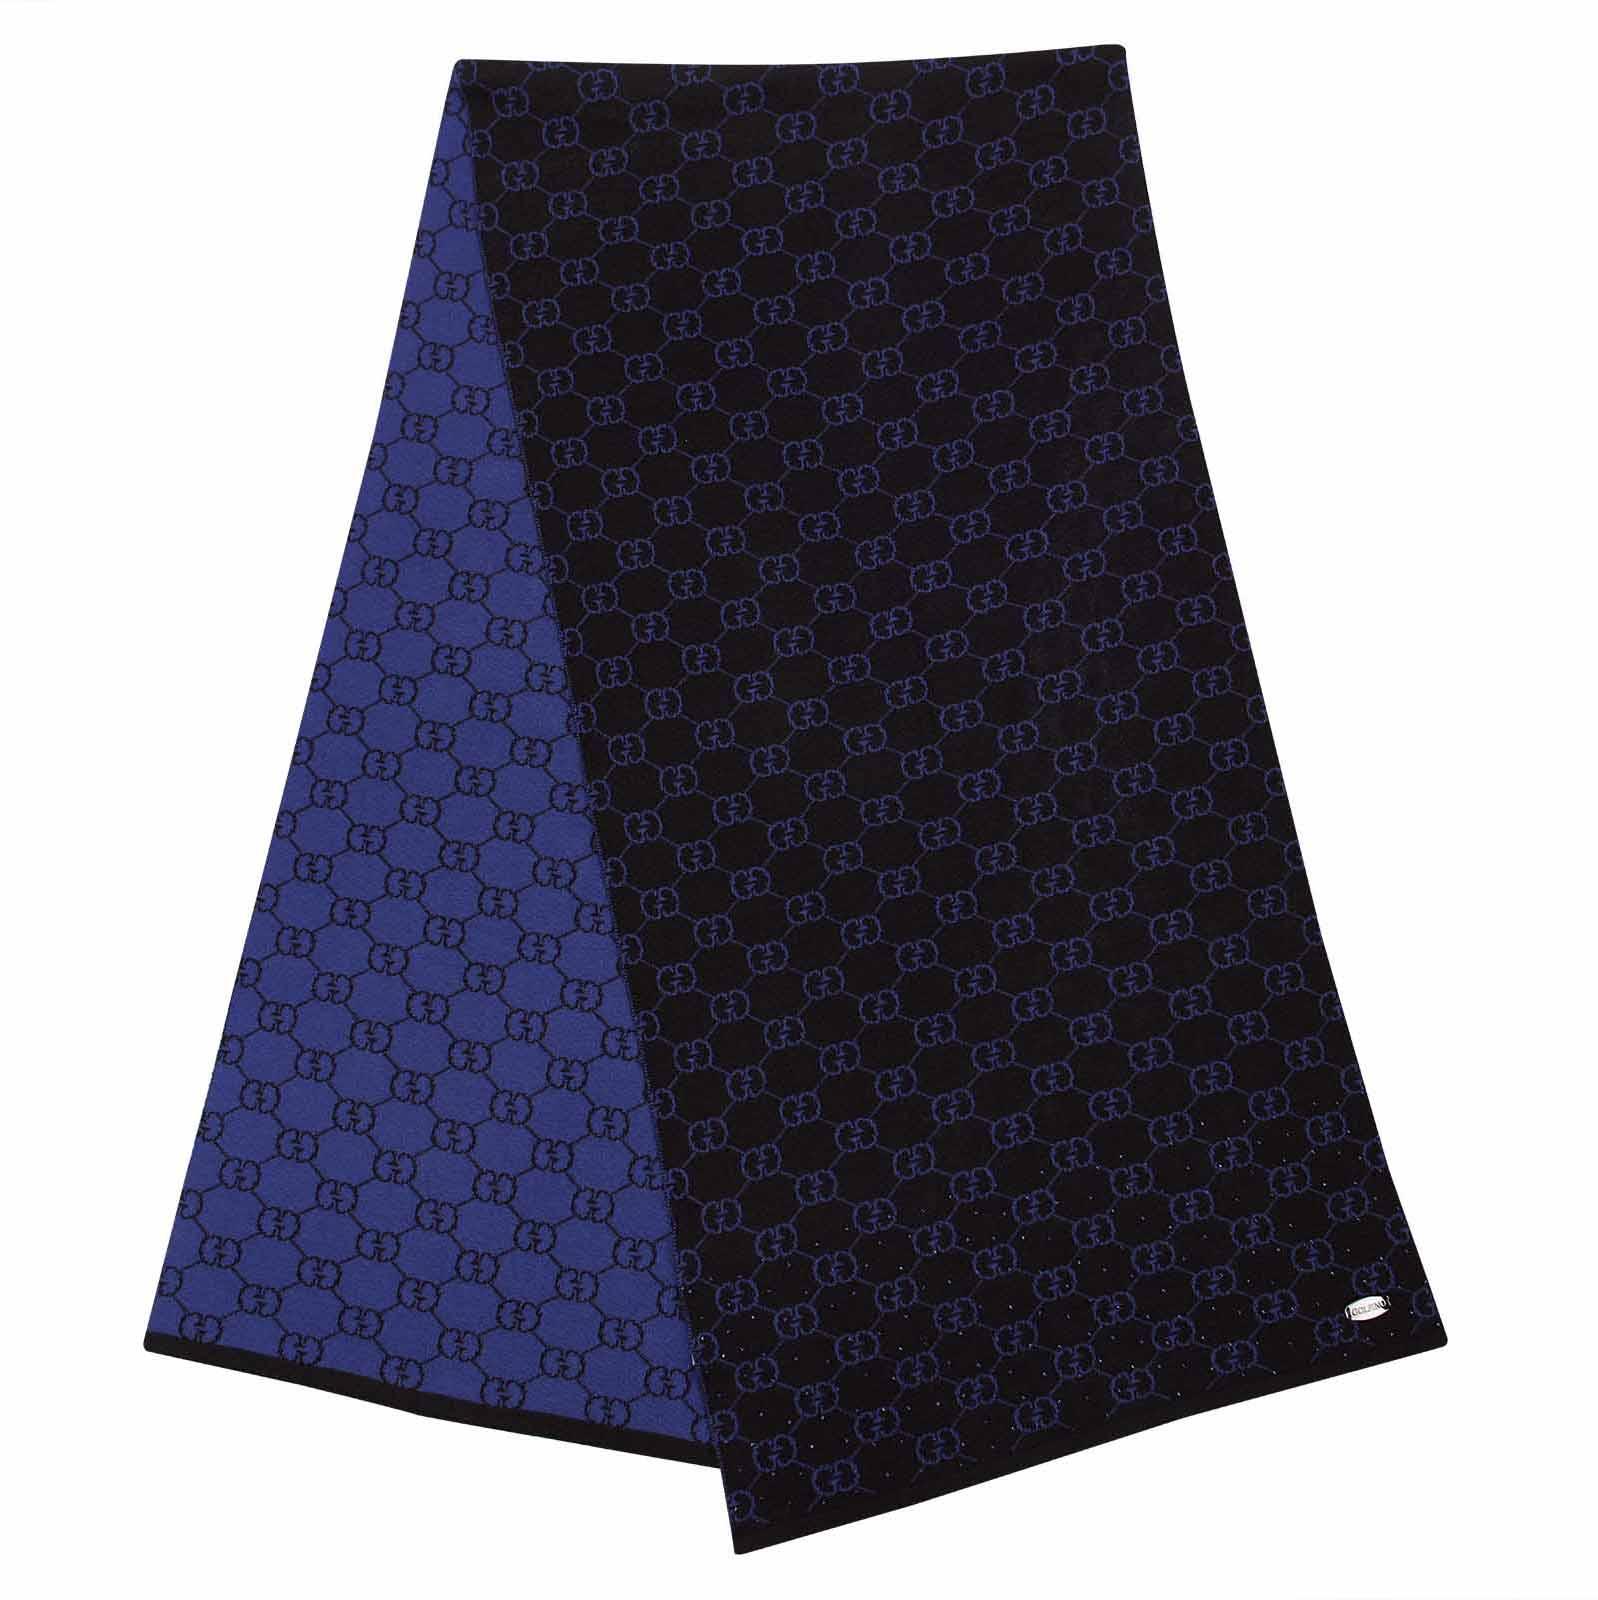 Weicher Damen Schal mit Muster aus feiner Woll-Mischung